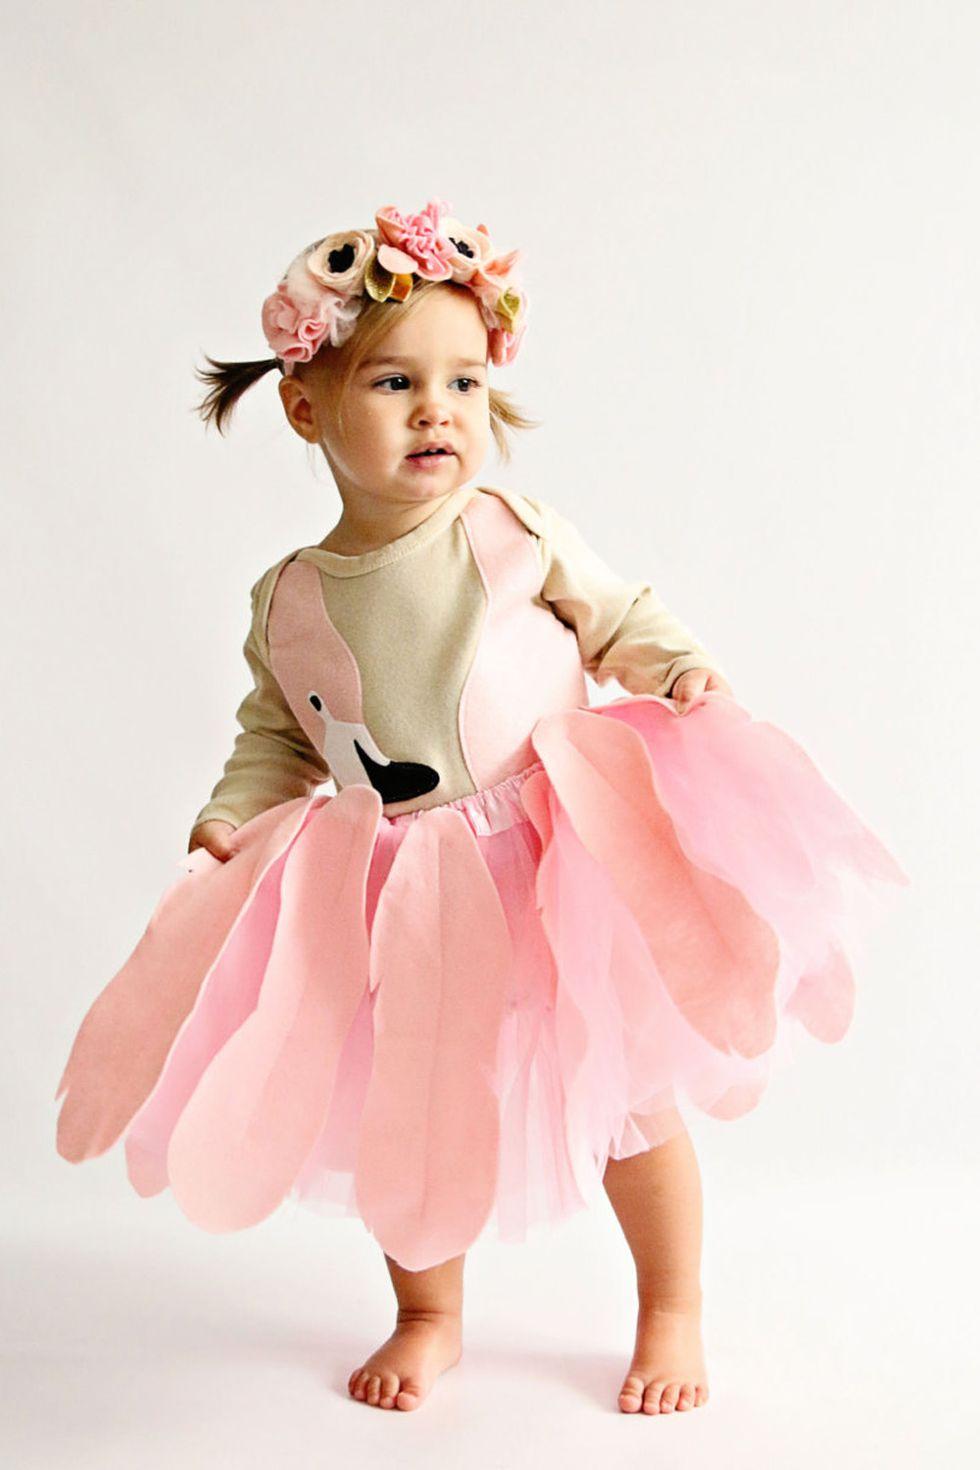 ideias fantasias halloween3 - 25 Ideias de disfarces de Halloween para bebes e crianças